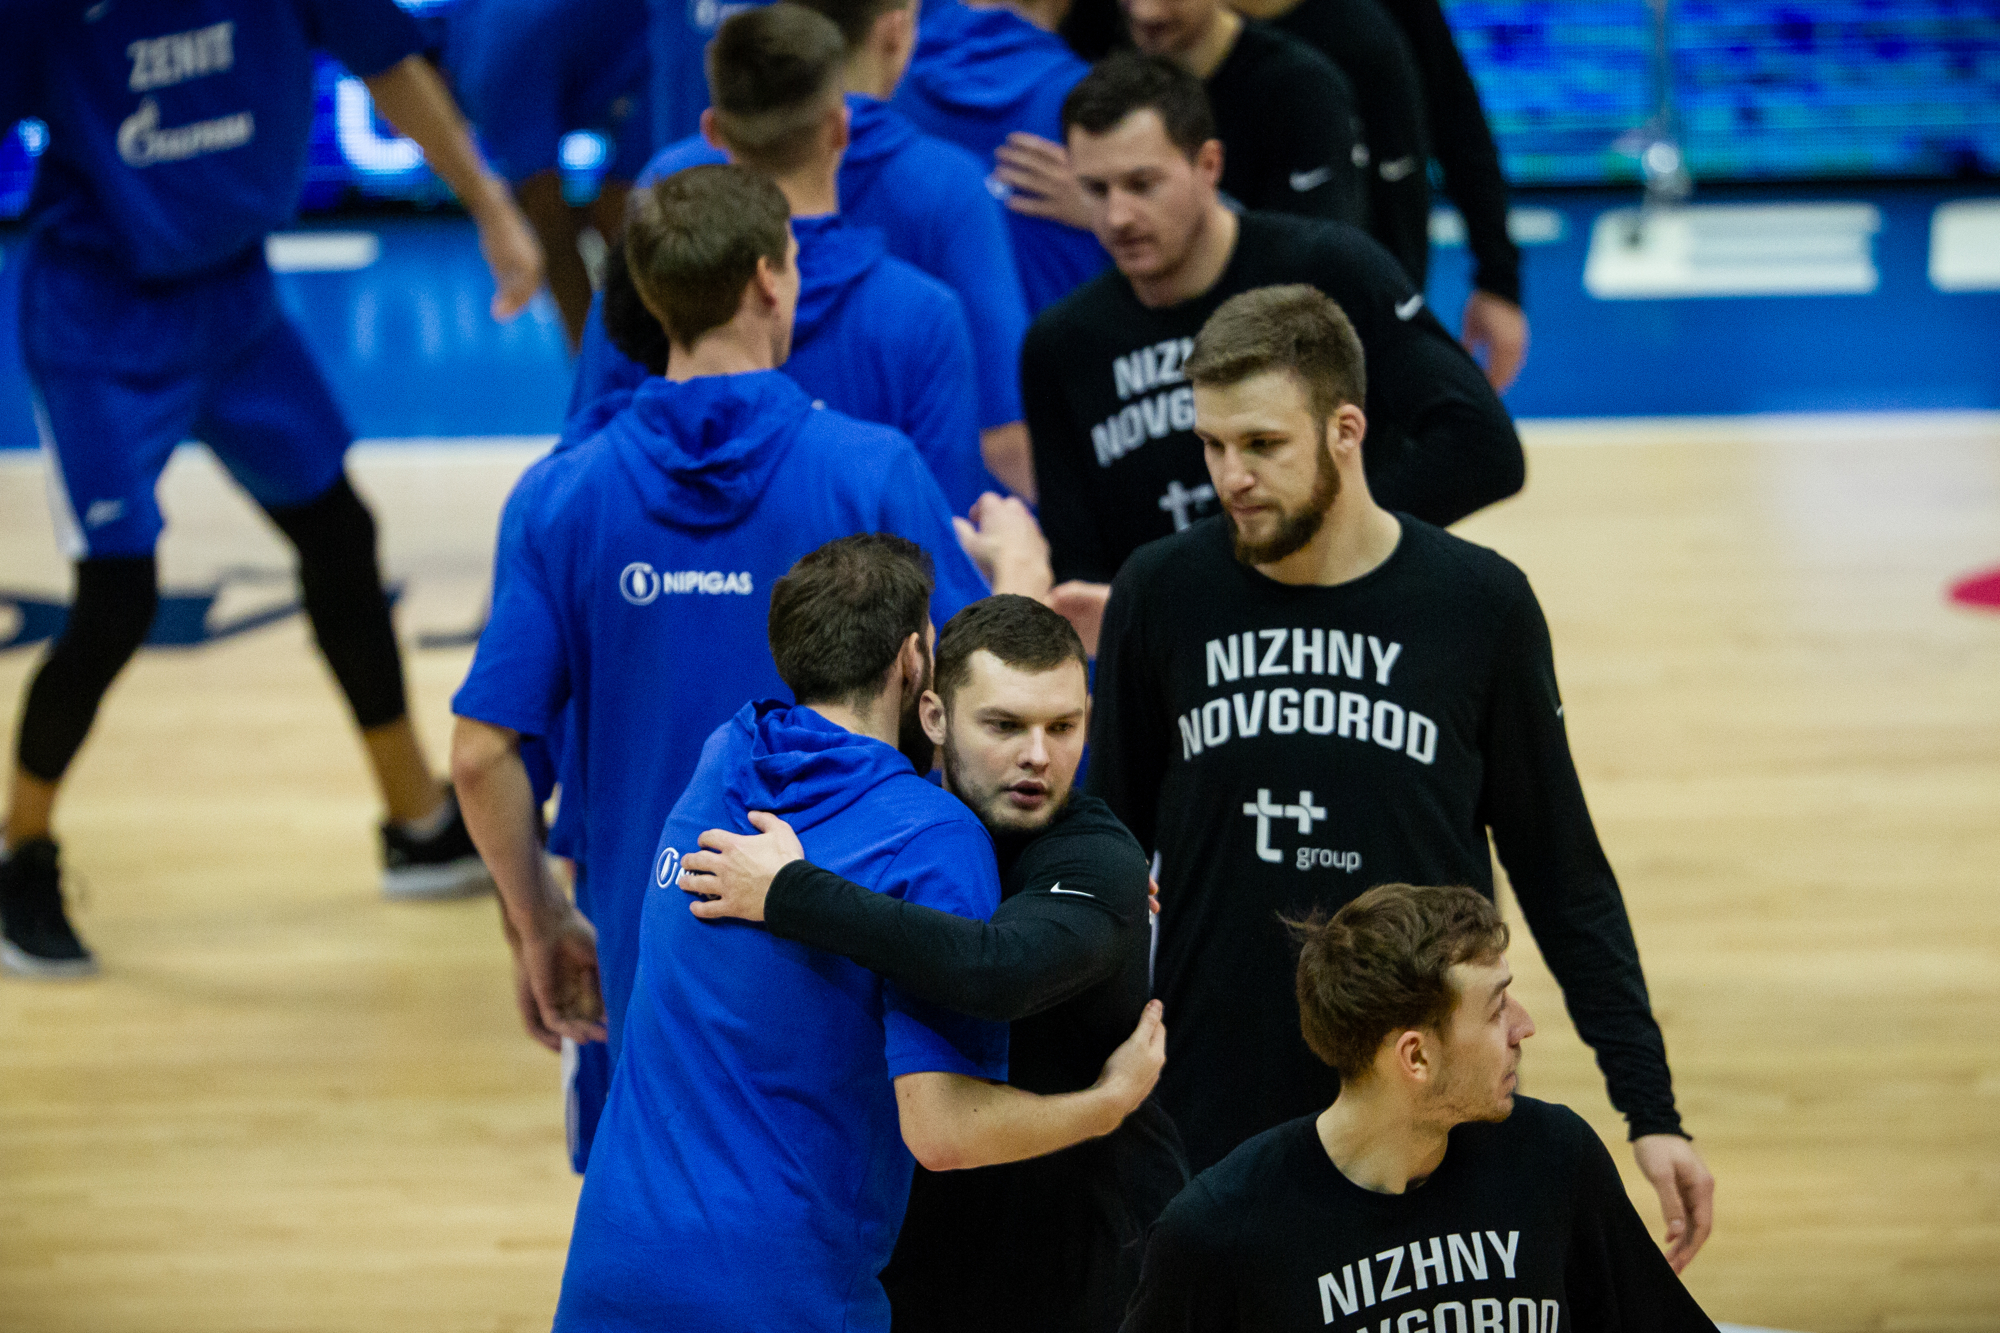 13/01/2019 Zenit-Nizhniy Novgorod 103:78